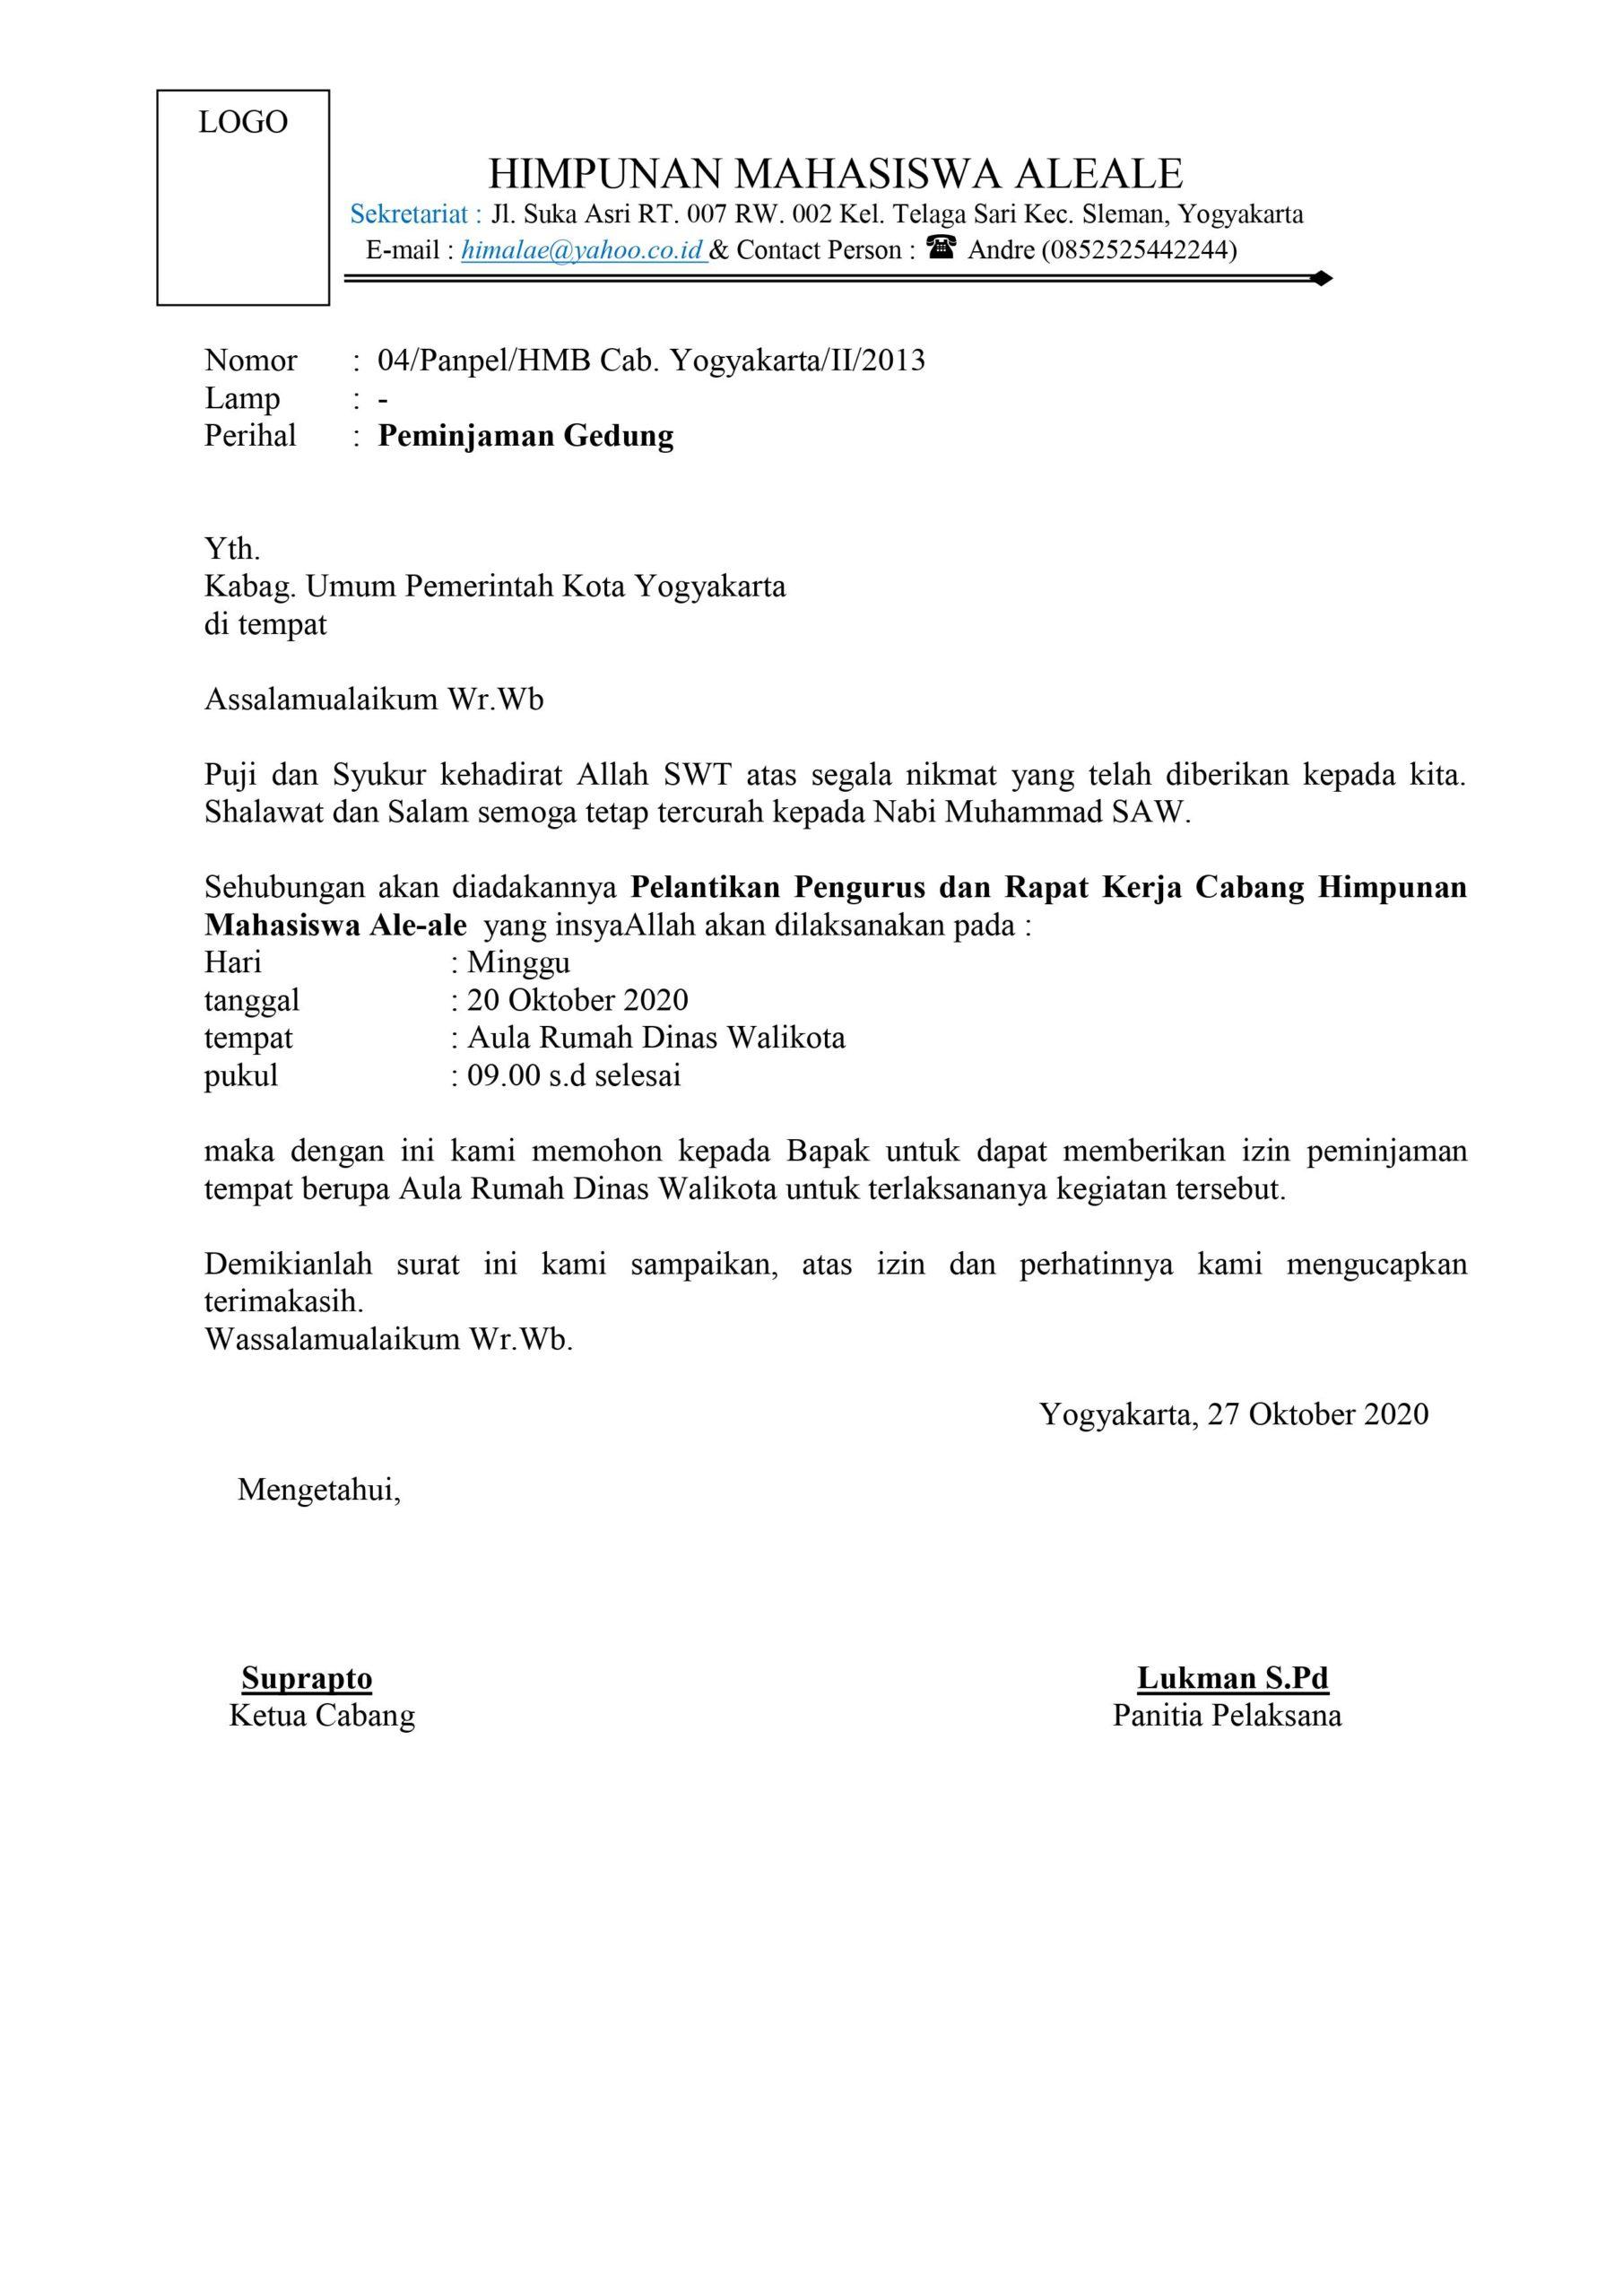 contoh surat peminjaman gedung dinas aula